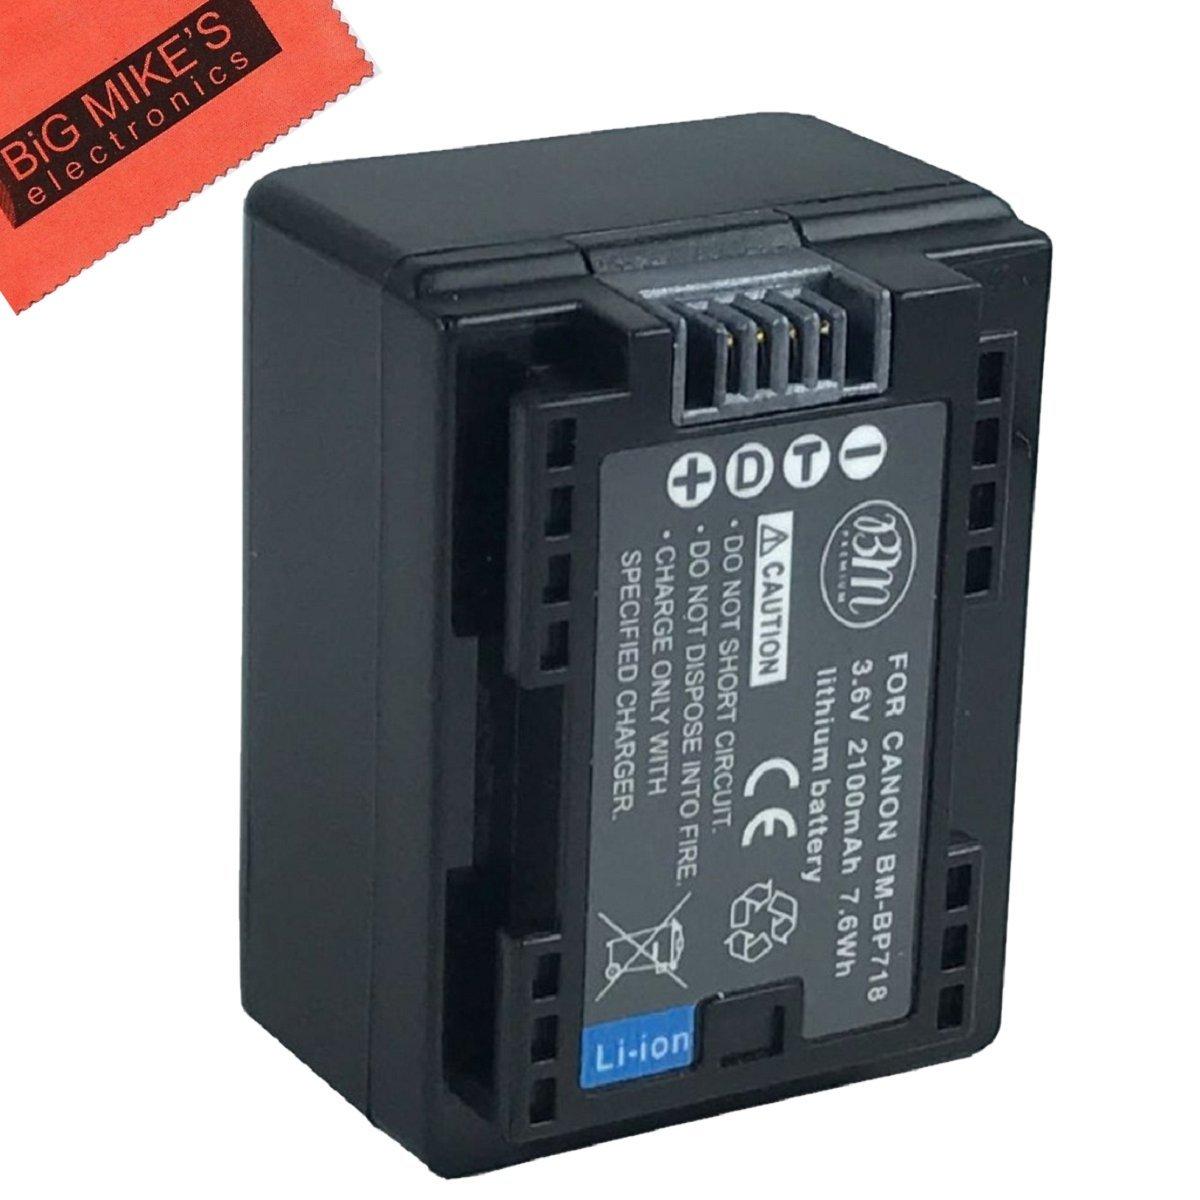 BM Premium Fully Decoded BP-718 Battery for Canon Vixia HF R70, HF R72, HF R700, HFM50, HFM52, HFM500, HFR30, HFR32, HFR300, HFR40, HFR42, HFR400, HFR50, HFR52, HFR500, HFR60, HFR62, HFR600 Camcorder + More!!! BM-BP718K1